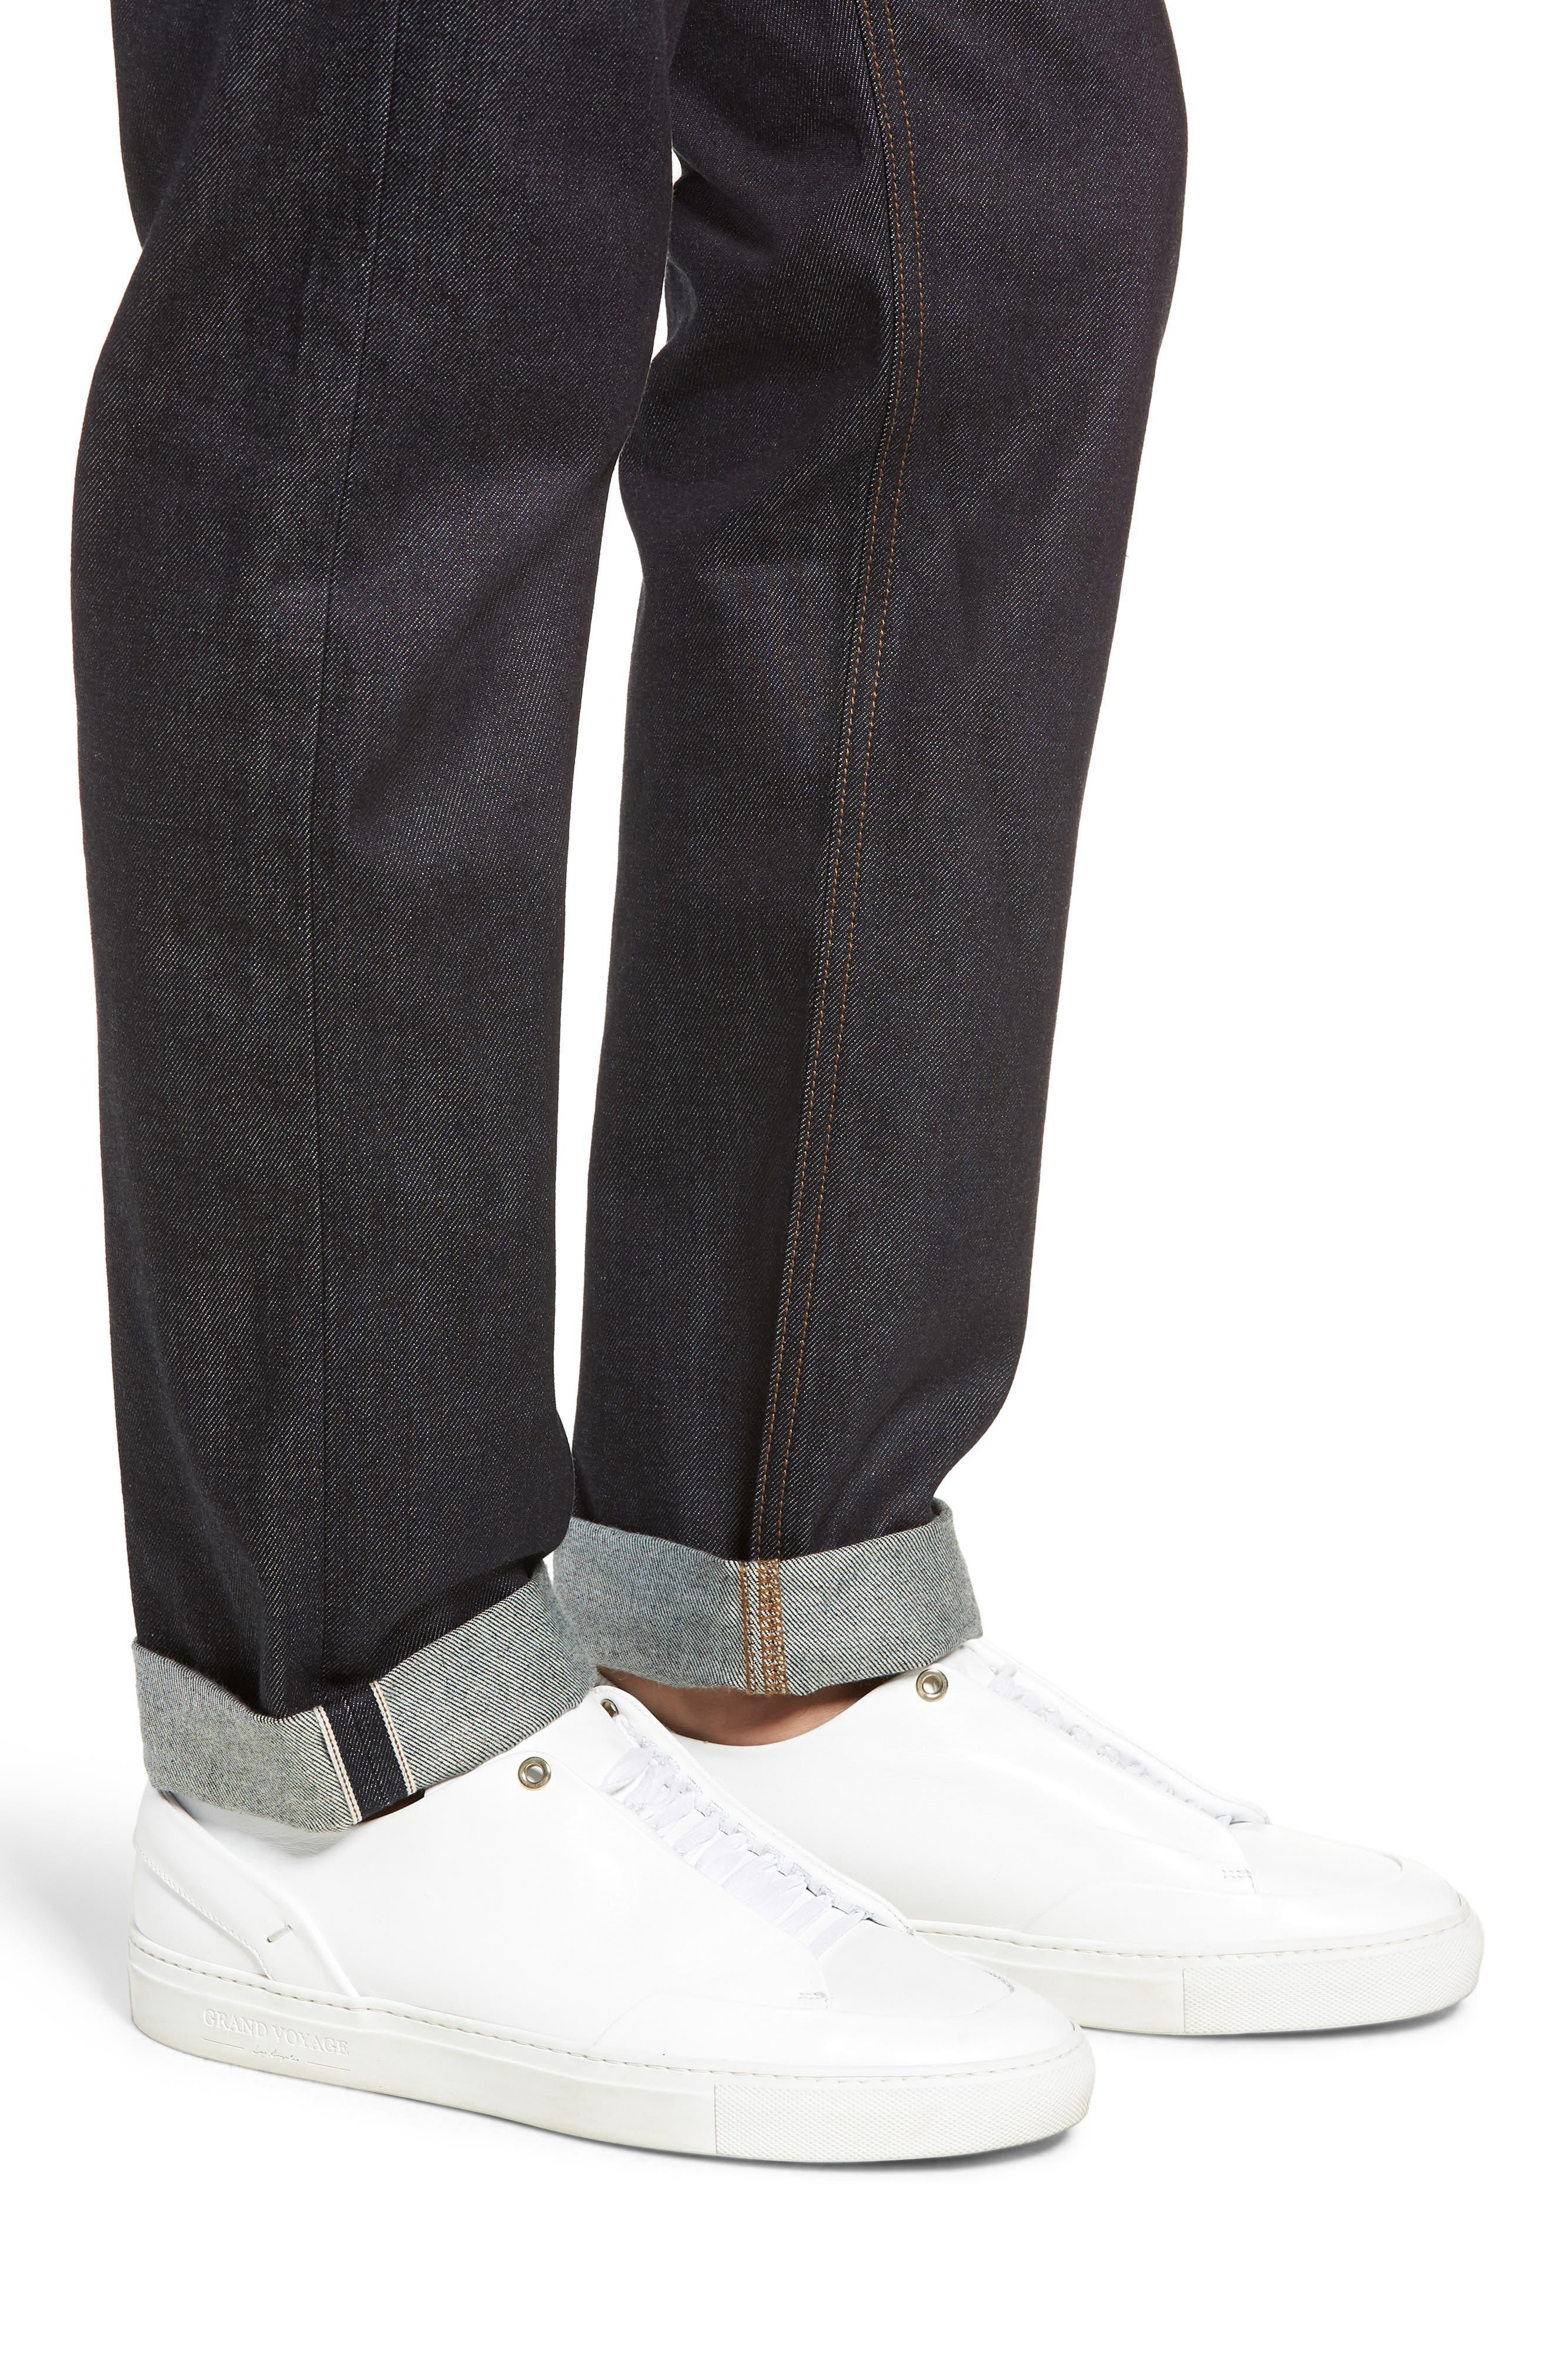 Dr. Denim Jeansmaker Gus Slim Straight Leg Raw Selvedge Jeans,                             Alternate thumbnail 4, color,                             RAW SELVAGE